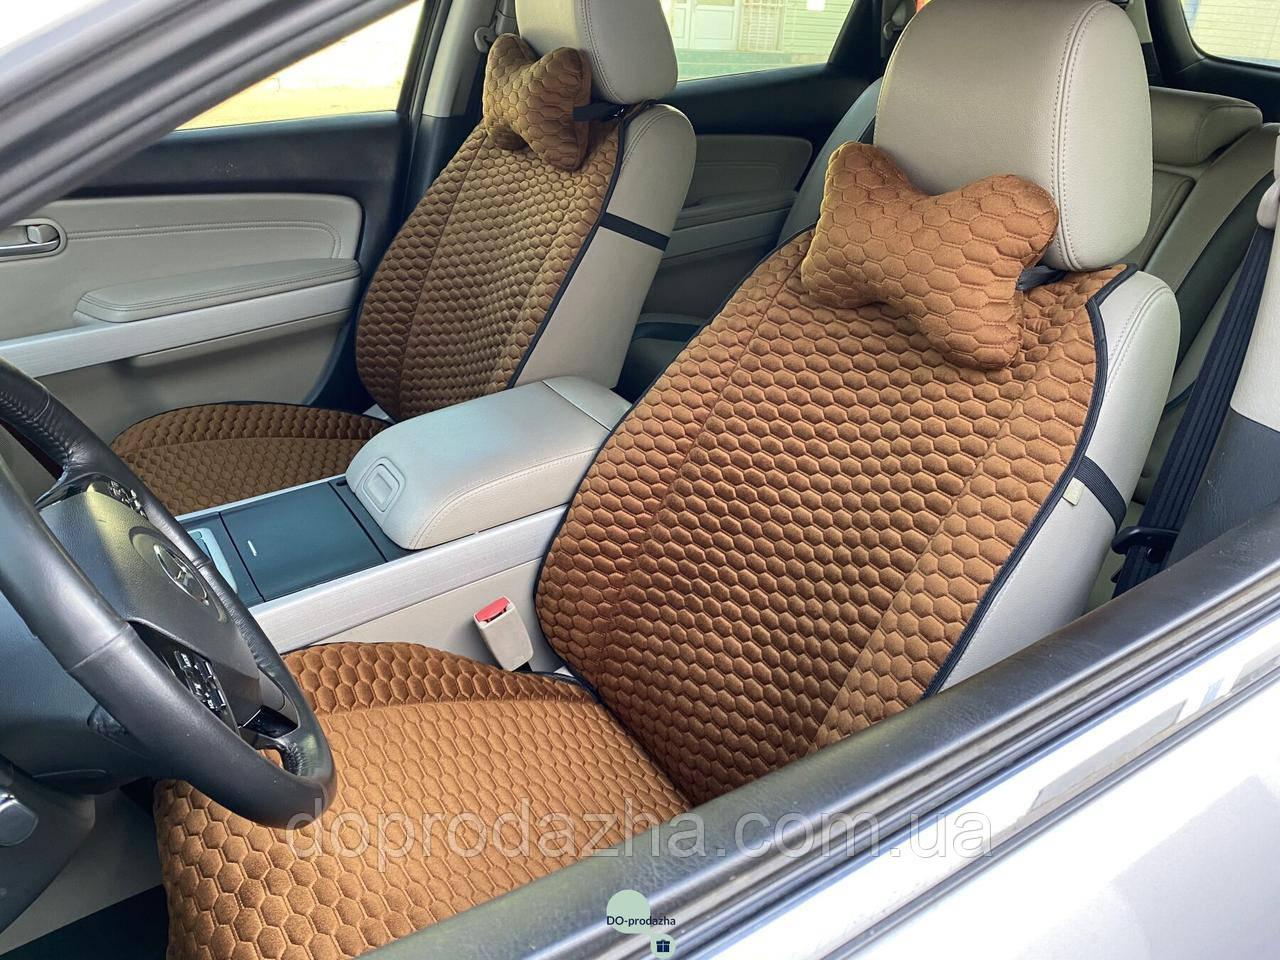 Накидки на сидіння з алькантари Lux (штучної замші), Коричневий, коричневі стільники. Преміум +. 2 передніх